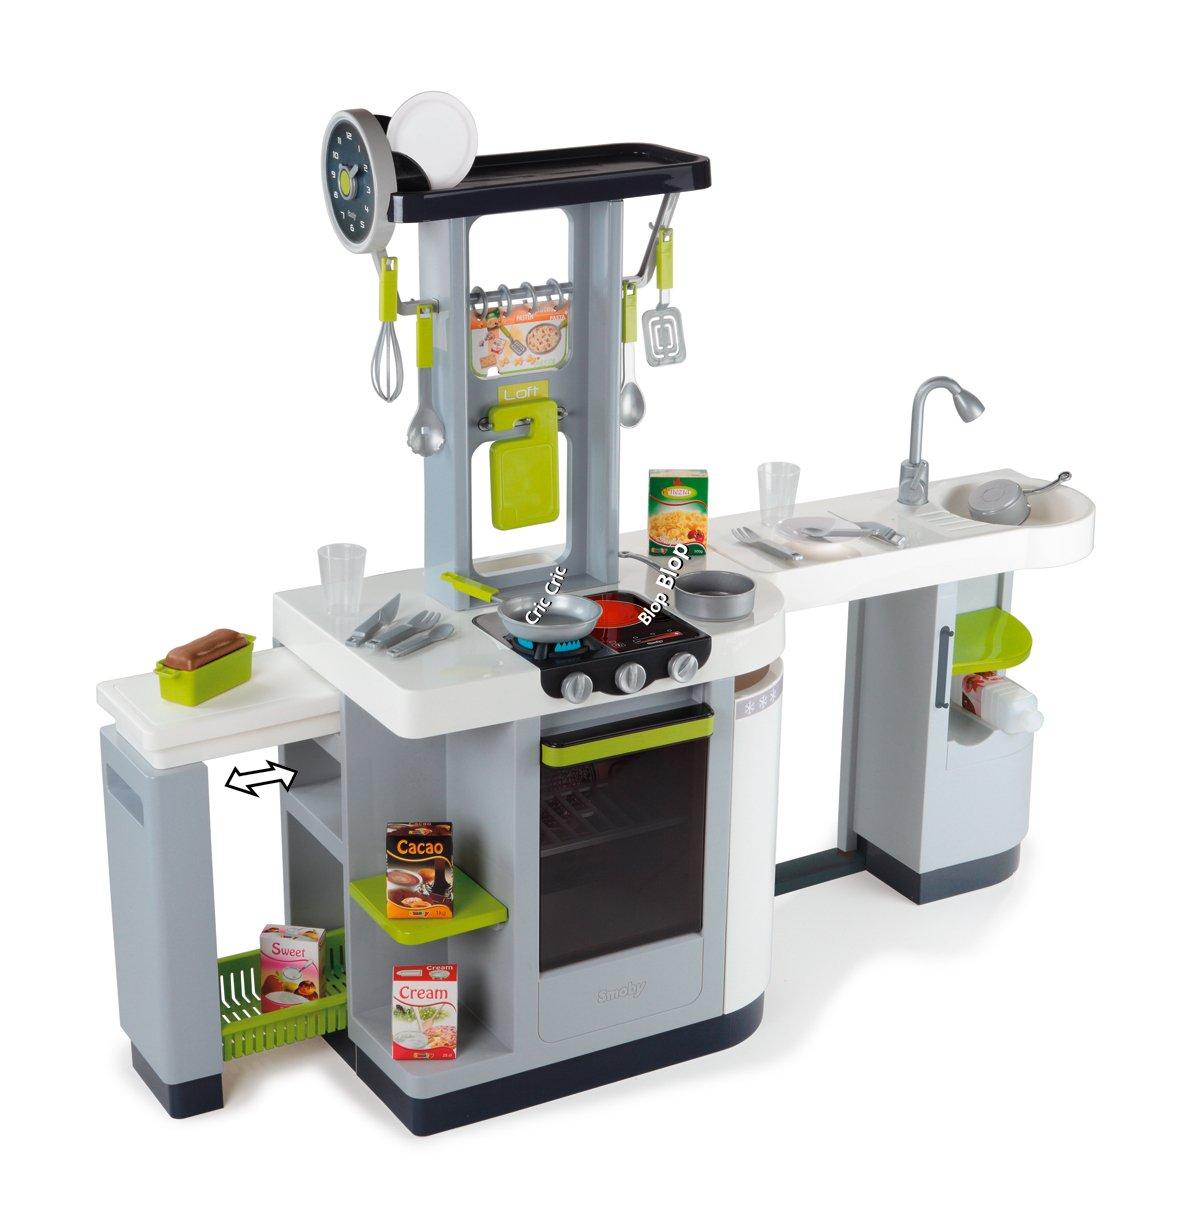 Smoby 24131 - Loft Küche: Amazon.de: Spielzeug